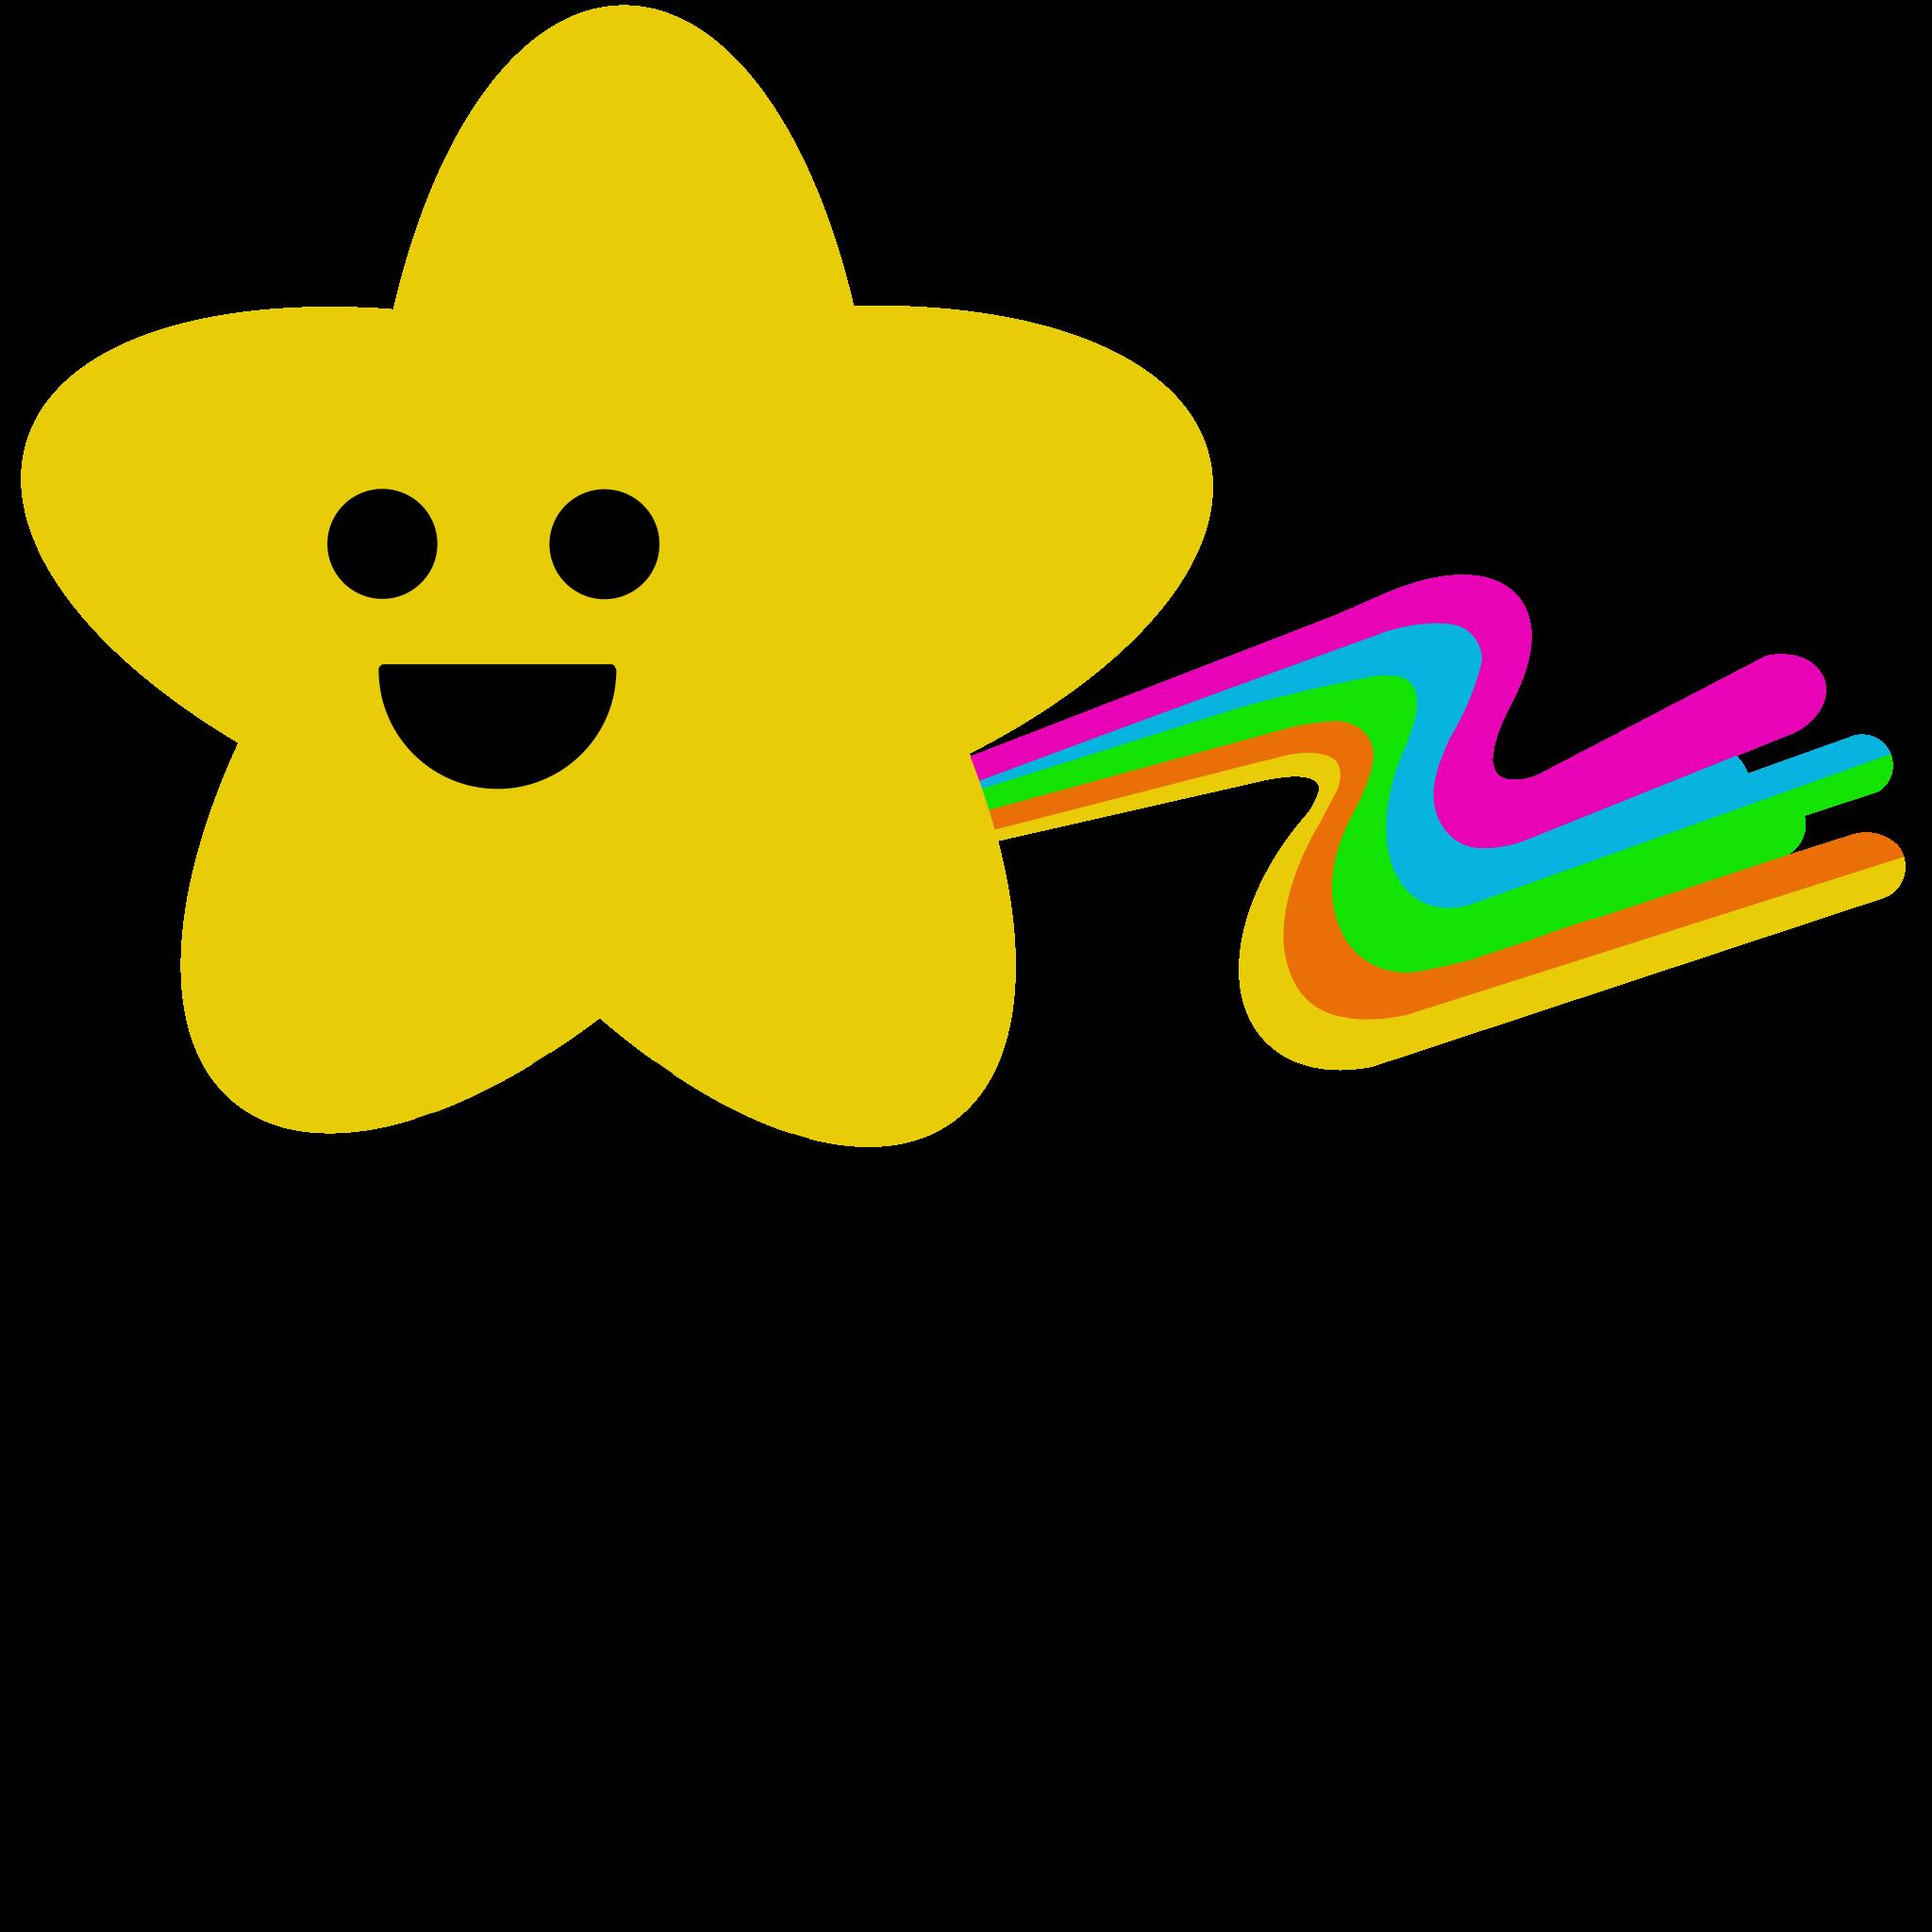 StarGuy